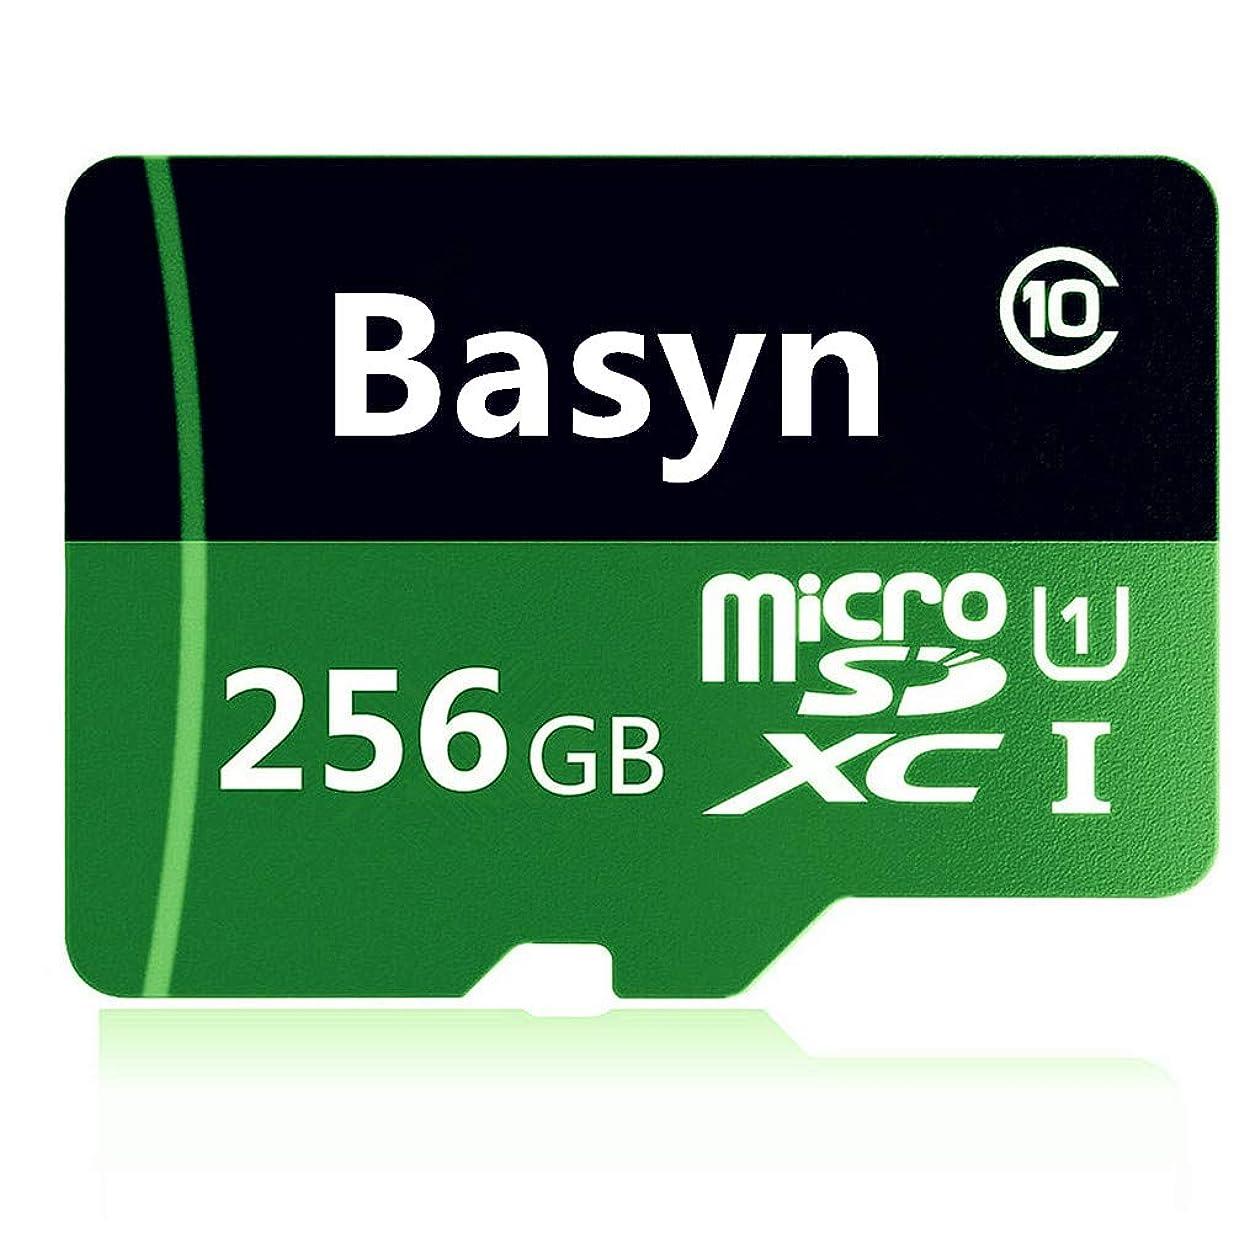 分注する貯水池連続したBasyn microSDカード microSDXCカード 256 GBマイクロSD SDXCメモリーカード 超高速Class10 + SDカードアダプ(JS99-GH) (256GB)